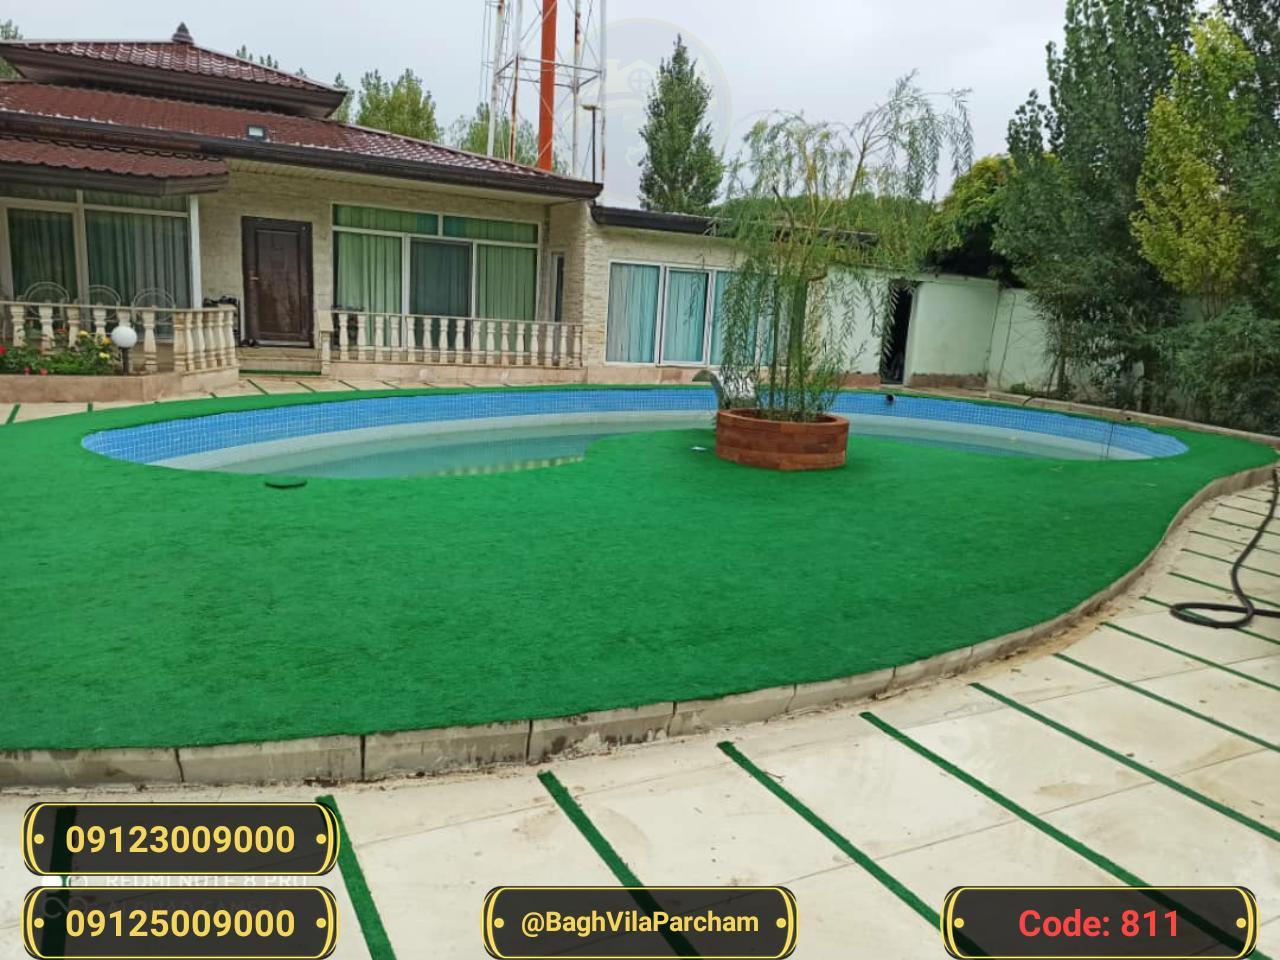 تصویر عکس باغ ویلا شماره 12 از ویلای ۸۰۰ متر ویلا Picture photo image 12 of ۸۰۰ متر ویلا